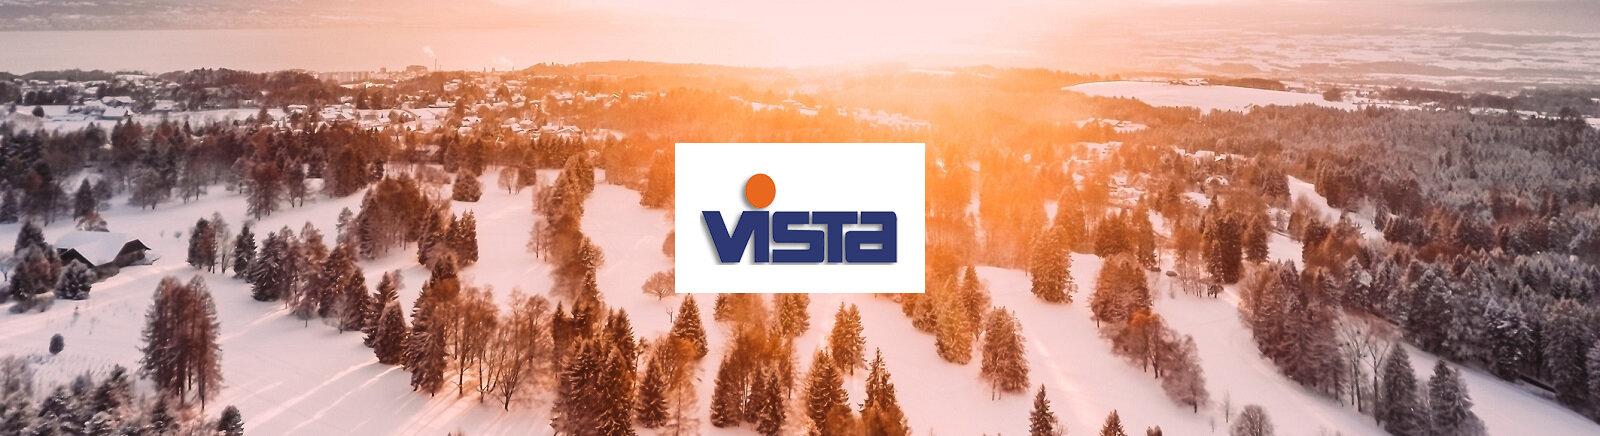 Vista Kinderschuhe online kaufen im Shop von GISY